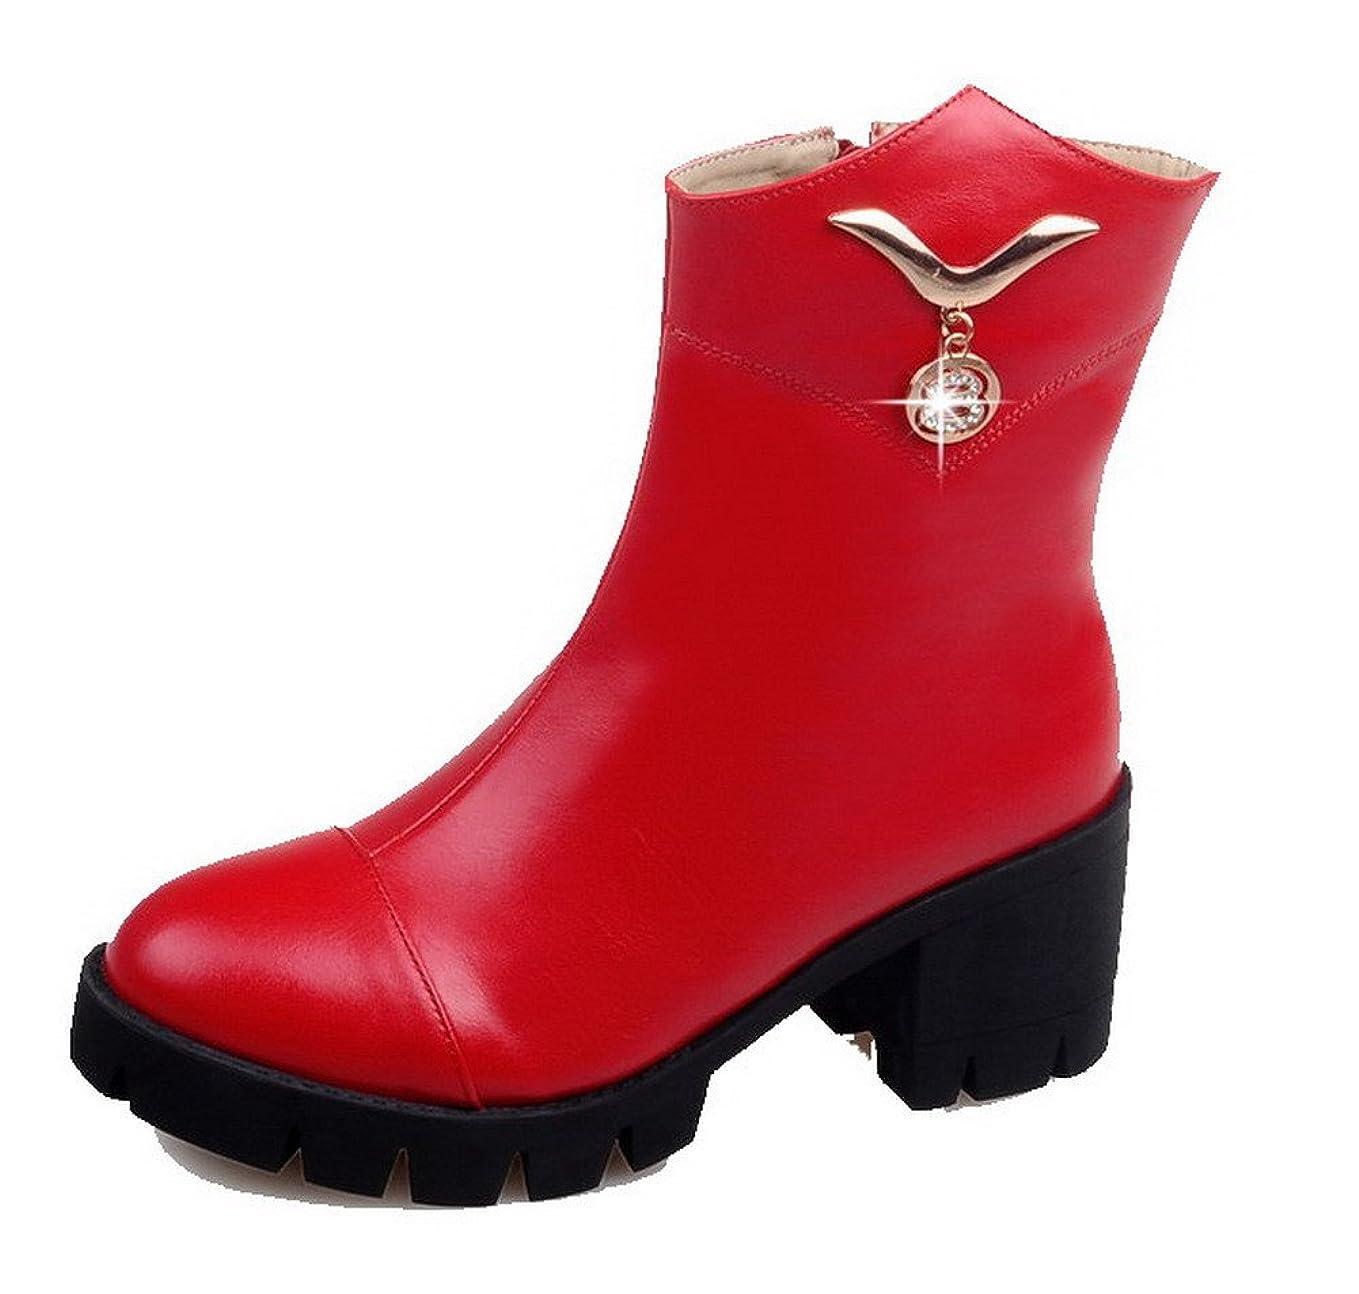 消毒剤下着自宅で(オールエイチキューファッション) AllhqFashion レディース ビロードの裏 純色 ジッパー ラウンドトゥ 中ヒール ブーツ 26.0cm レッド